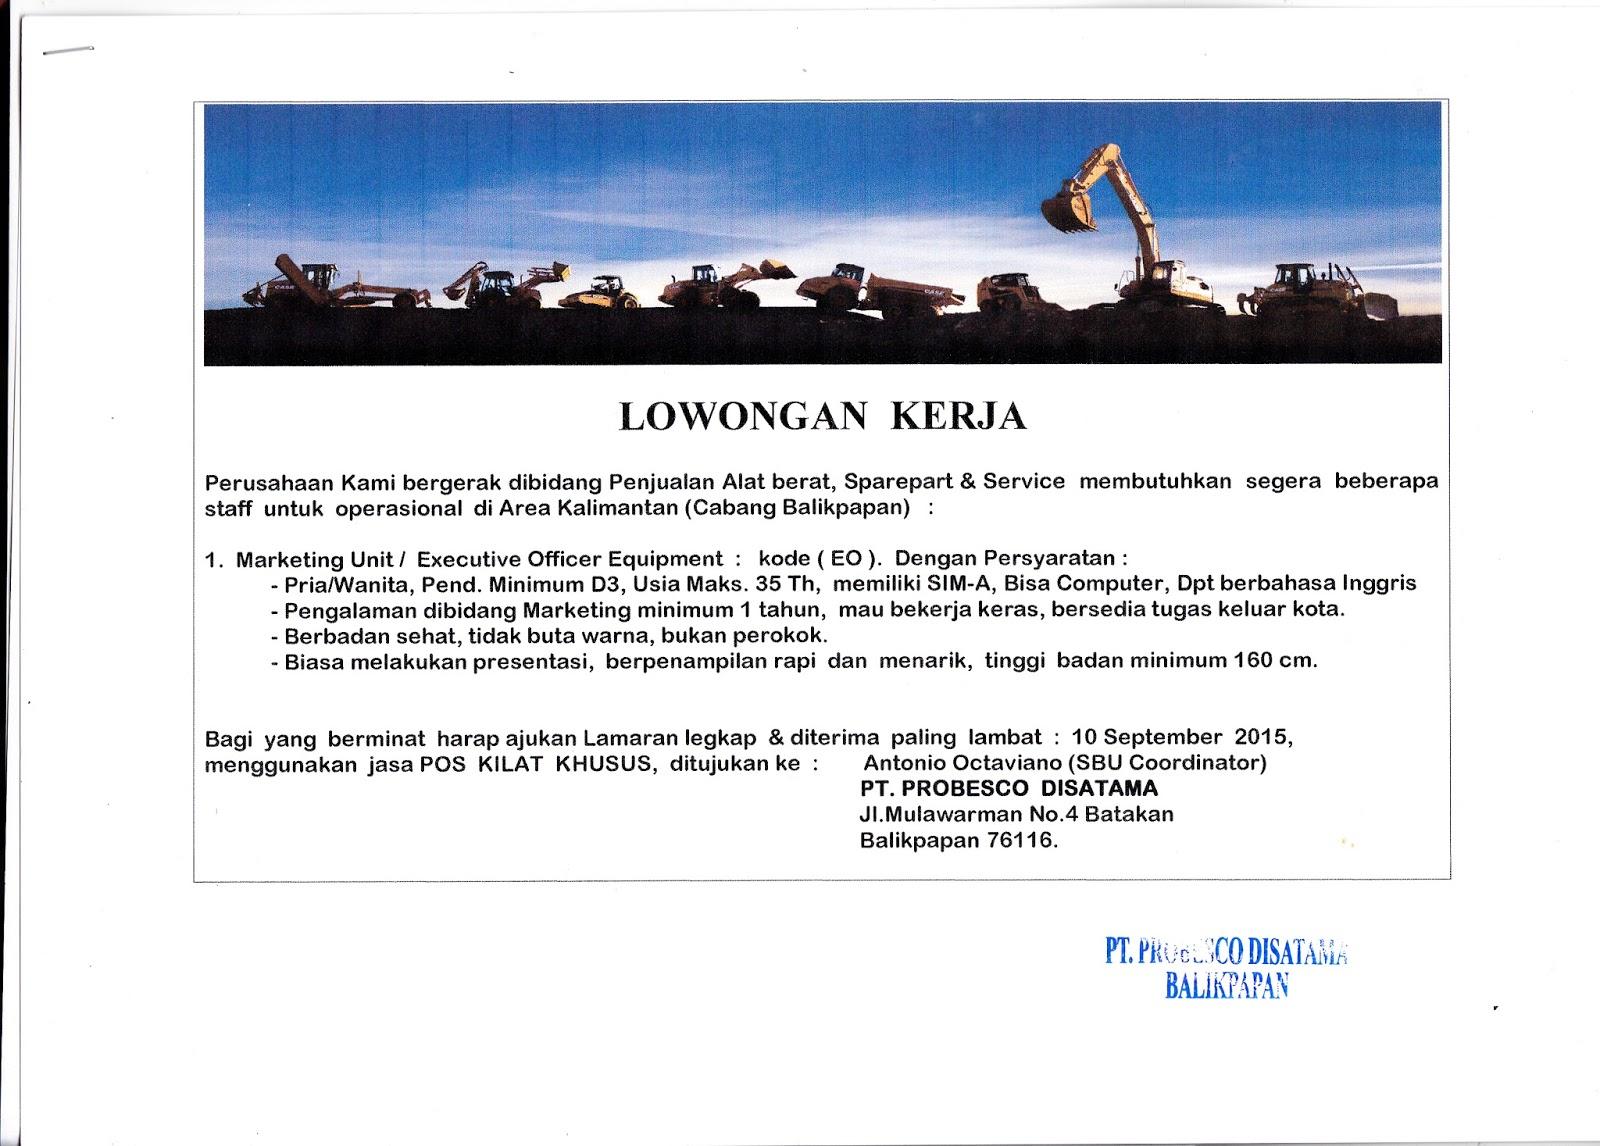 Lowongan Kerja Kota Balikpapan: PT.PROBESCO DISATAMA (Umum)